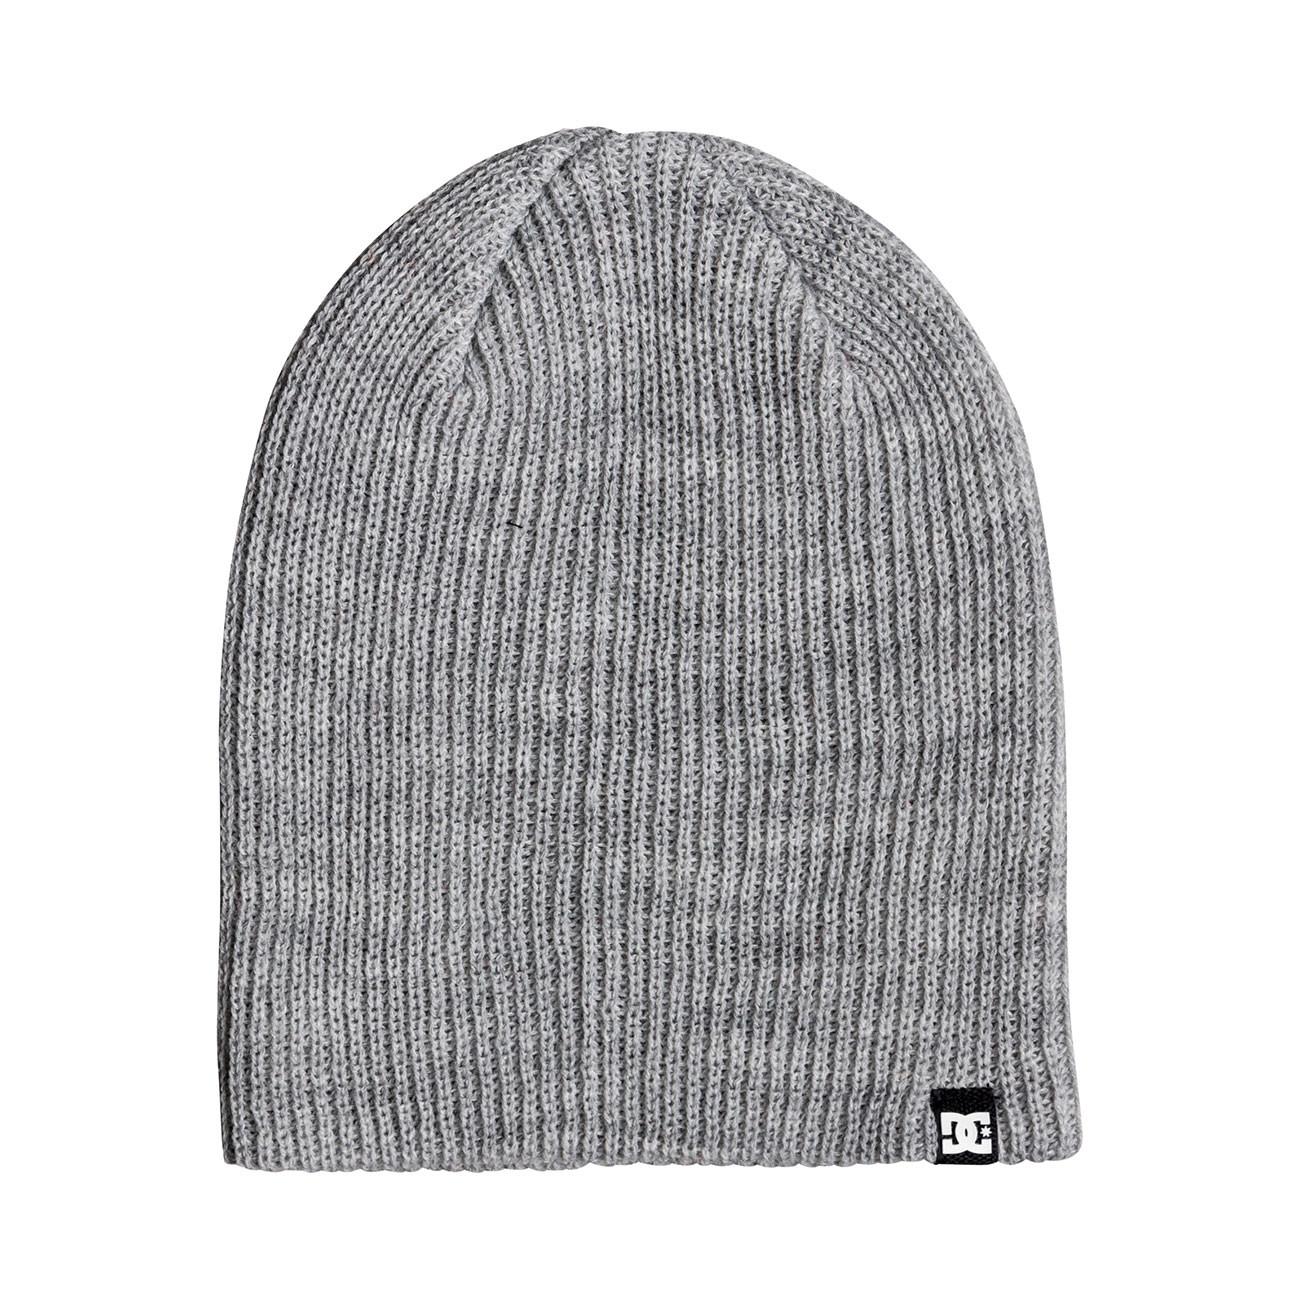 02c1fb8b7 Zimná čiapka DC Clap heather grey | Snowboard Zezula